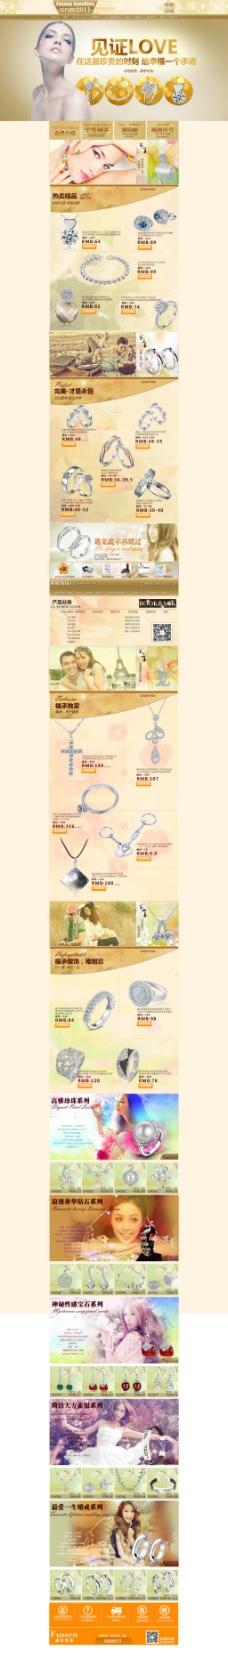 珠宝淘宝首页